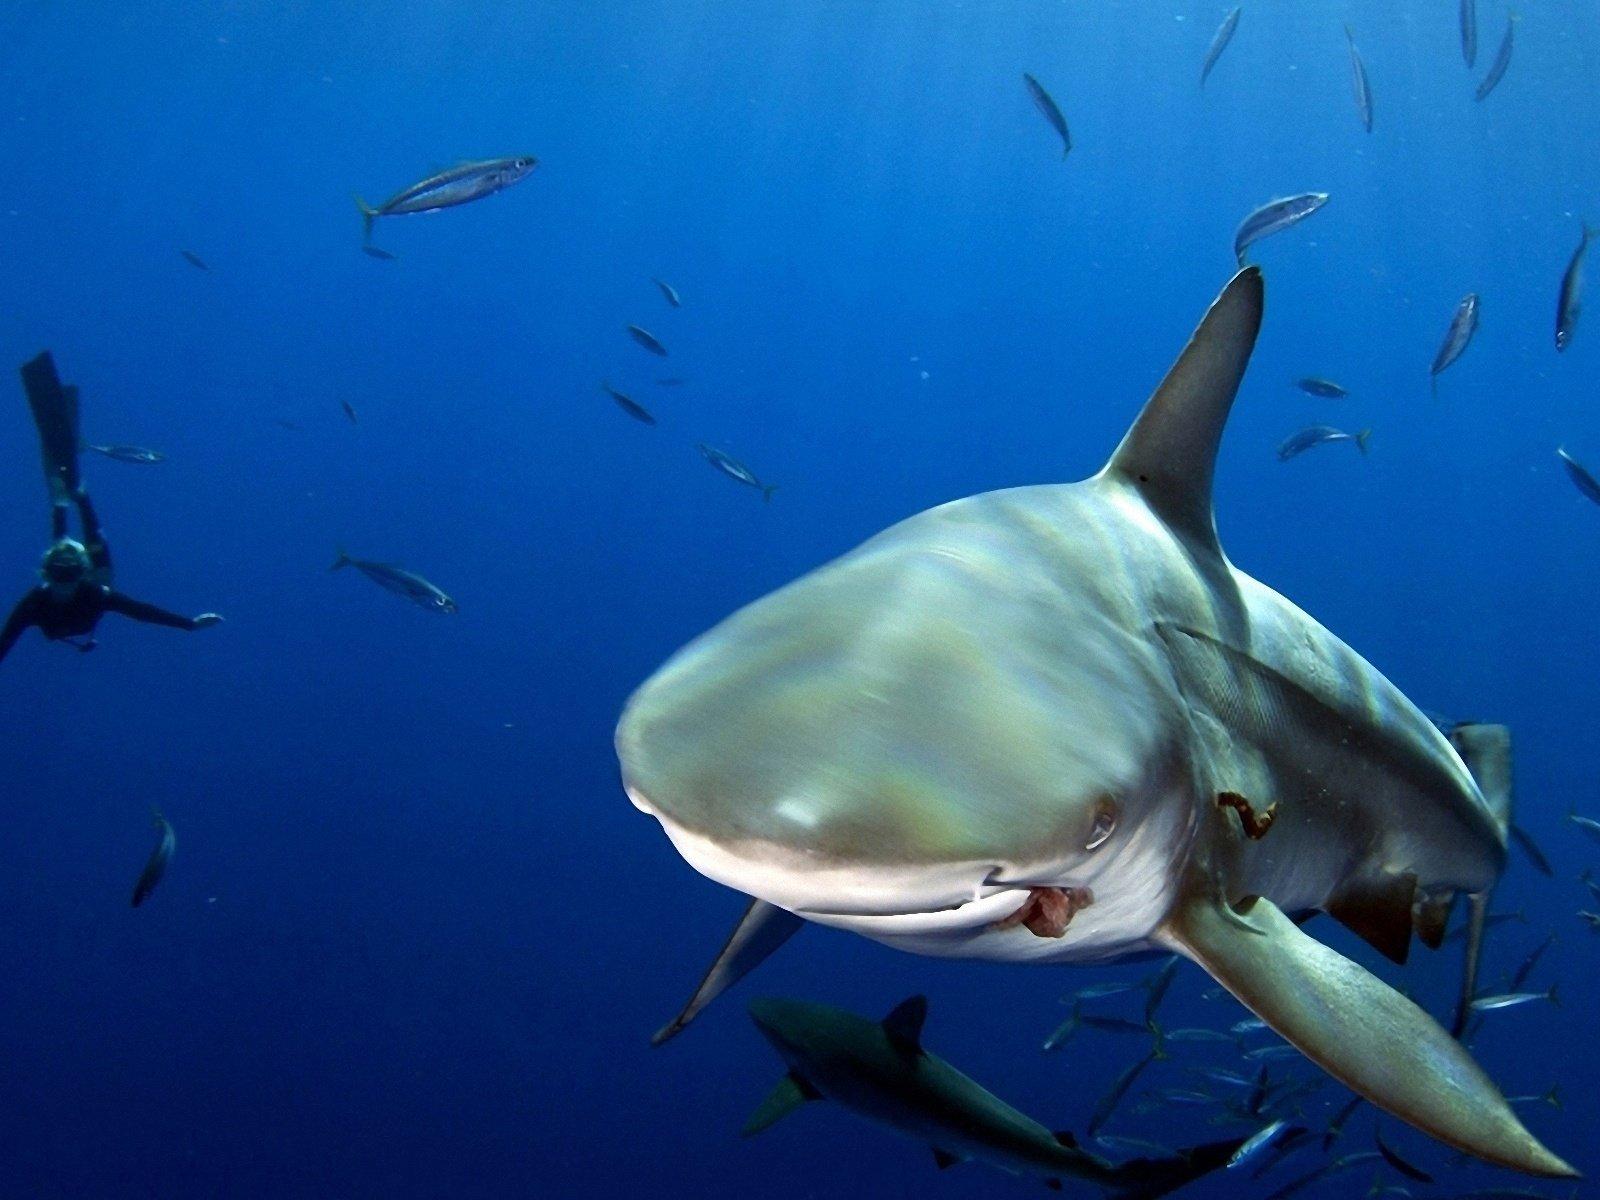 один реальные фото акул в океане вашему